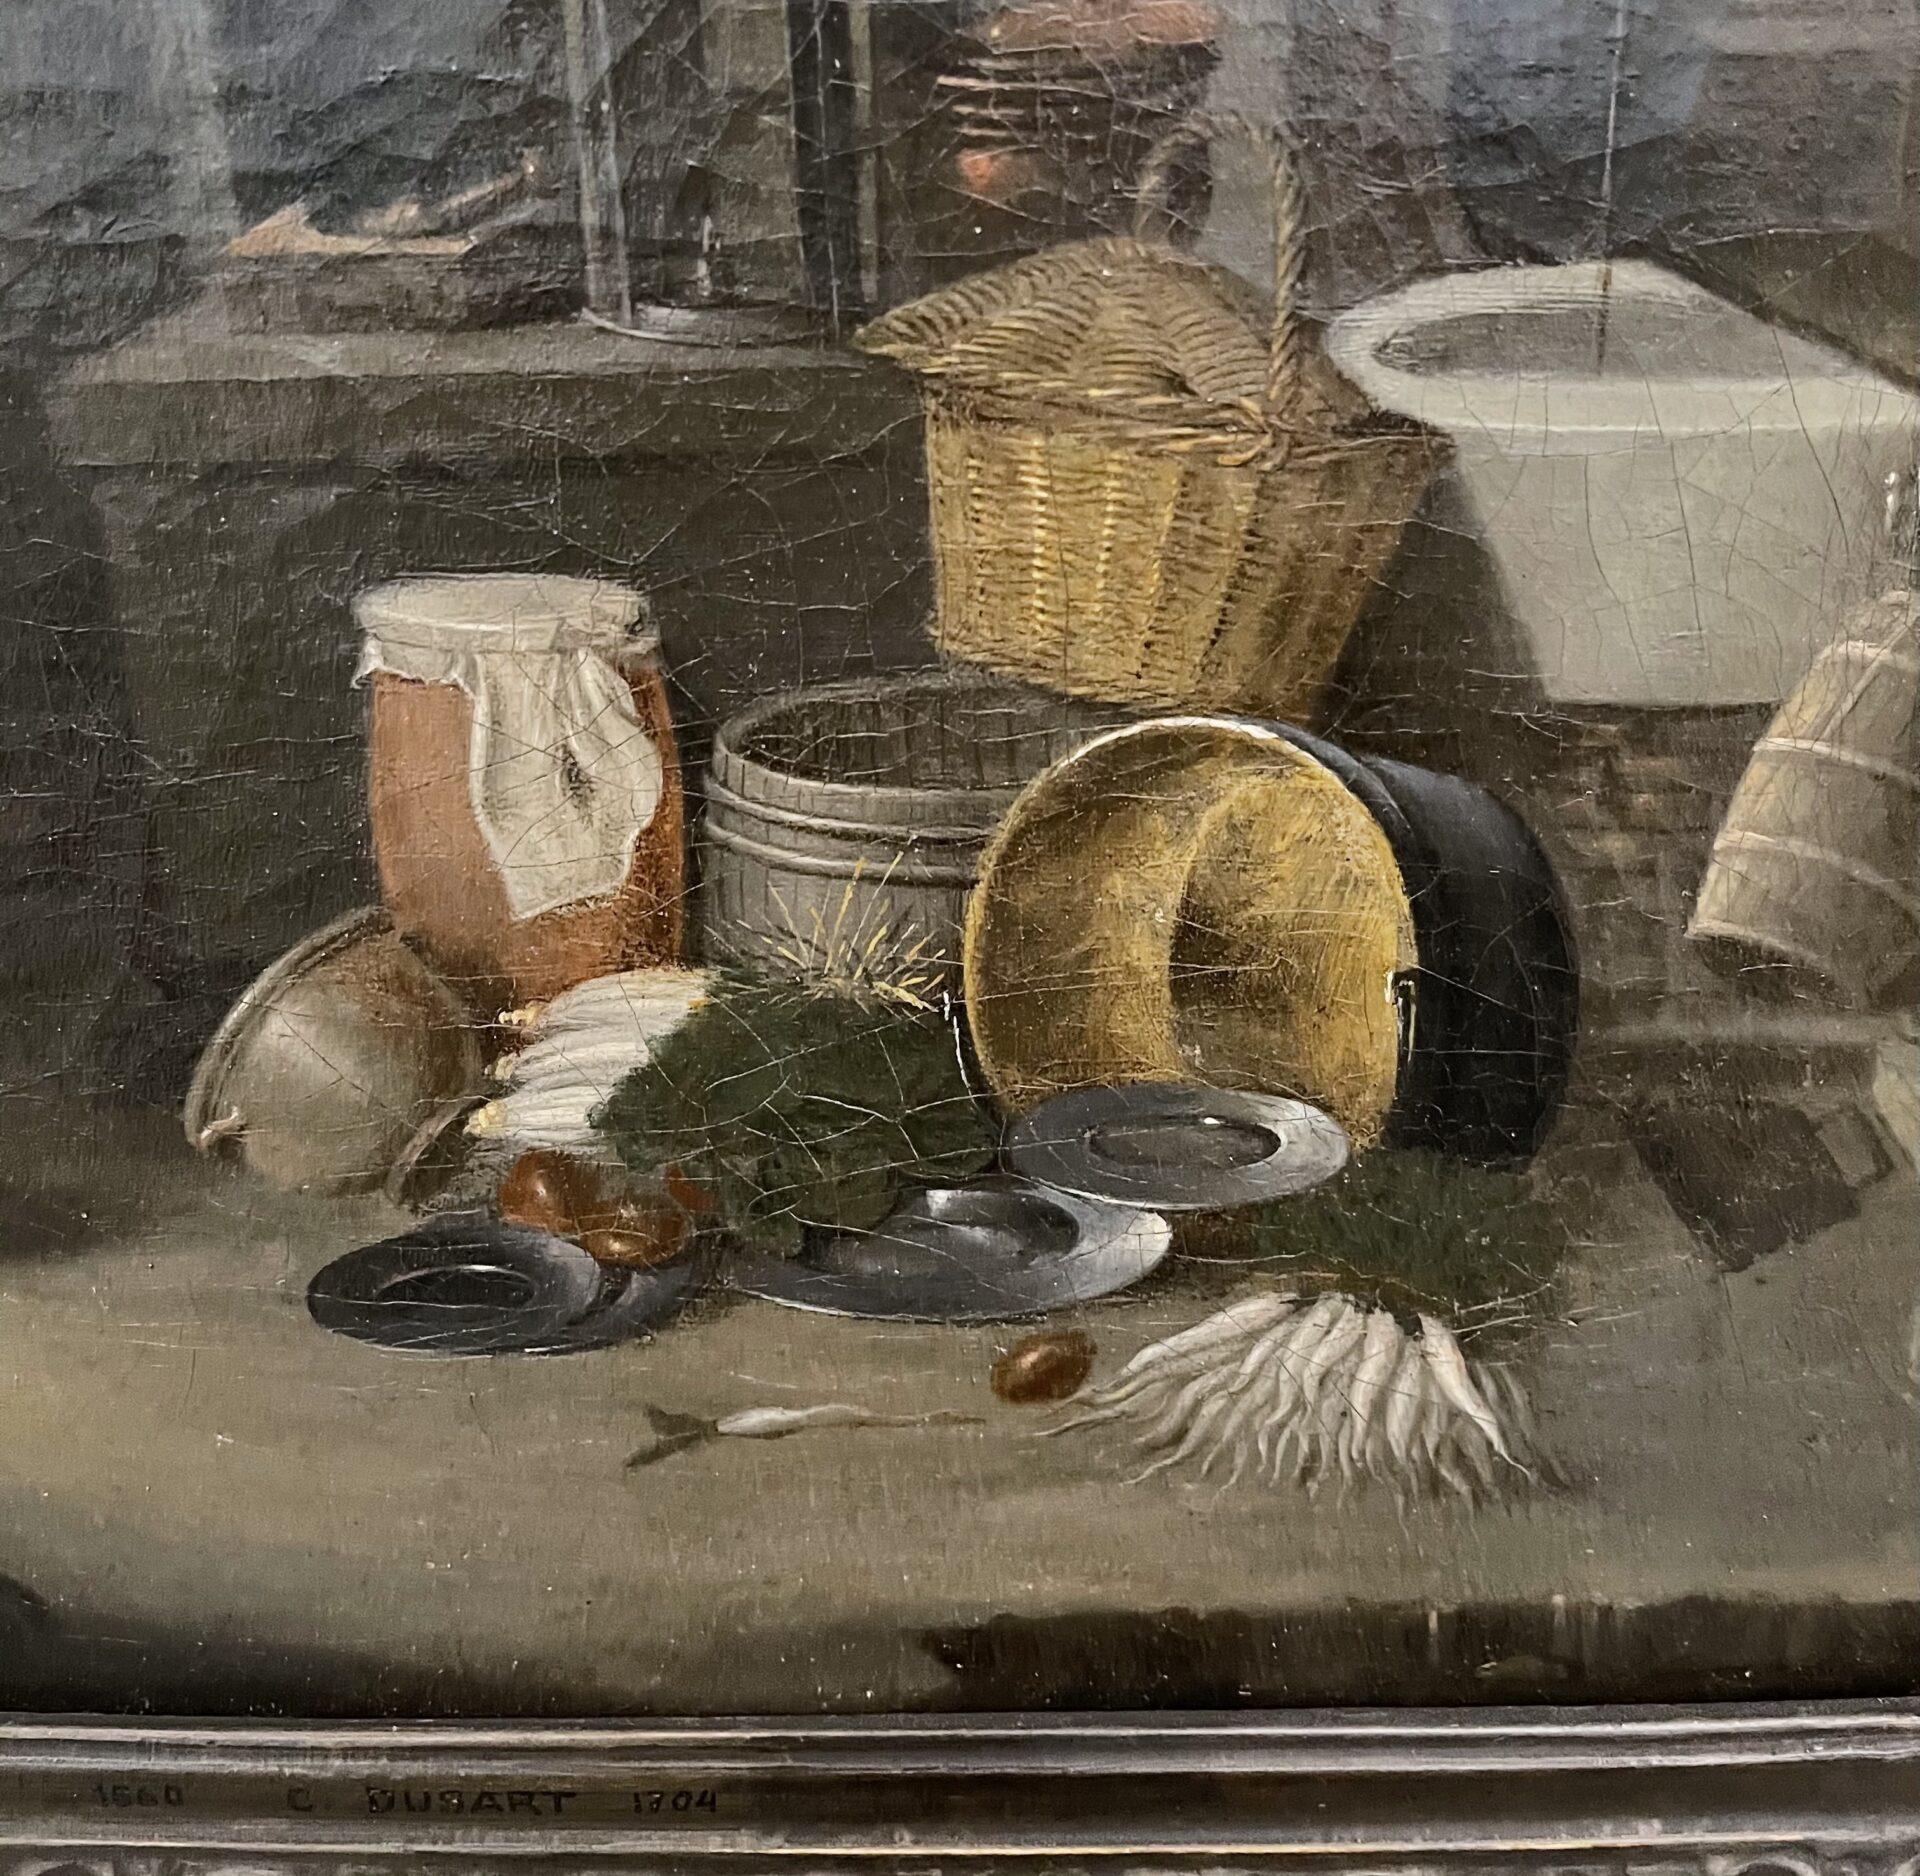 Cornelis Dusart Dettaglio Antico Quadro Fiammingo